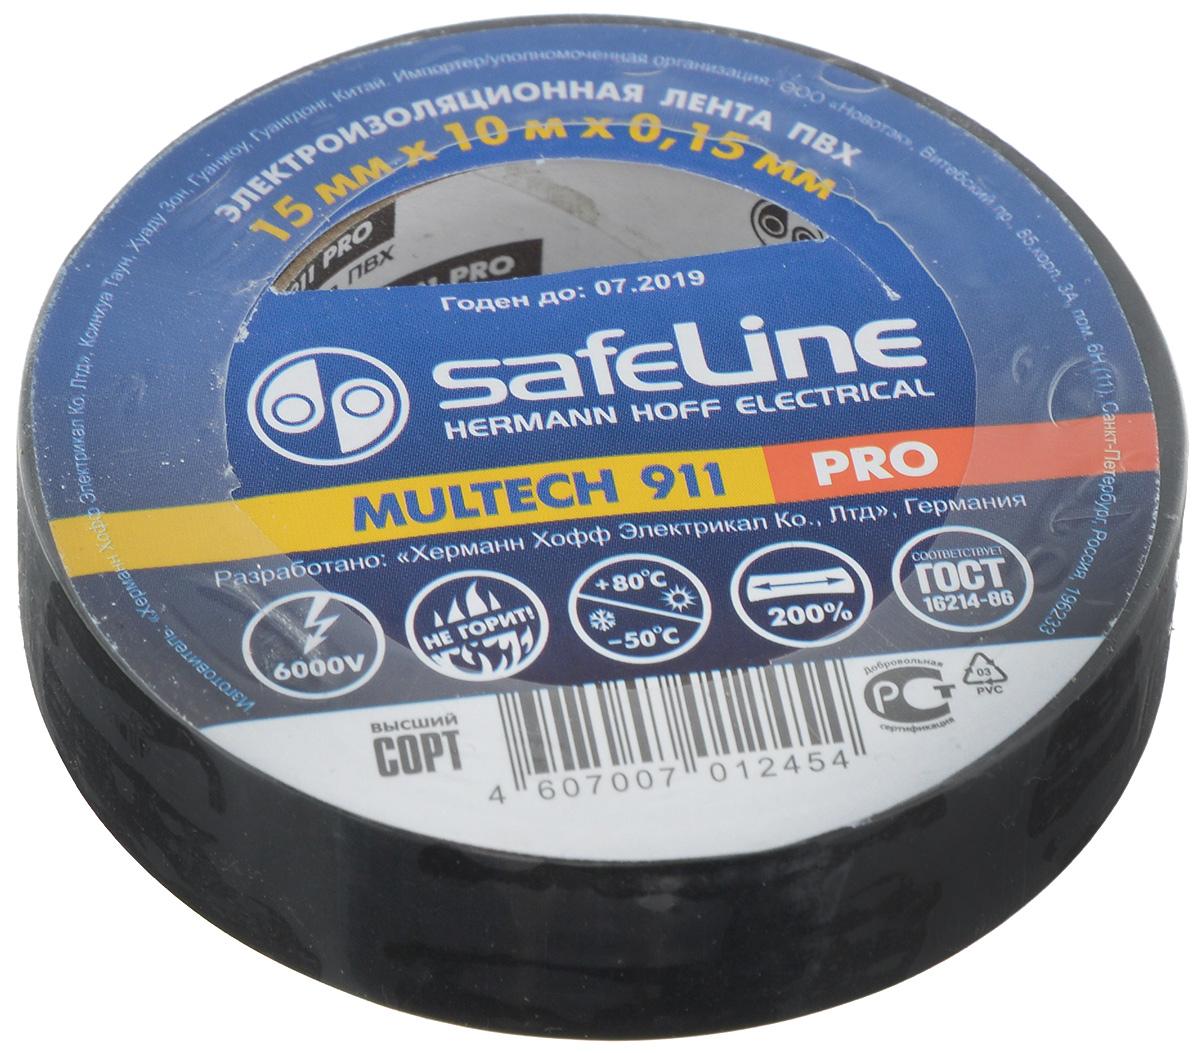 Лента изоляционная Safeline Pro, цвет: черный, ширина 1,5 см, длина 10 м9356Изоляционная лента Safelin Pro сделана из поливинилхлорида - материала, известного своей эластичностью и прочностью. Изолента применяется для изоляции проводов и проведения электромонтажных работ, отлично подходит для маркировки проводов и служит средством для починки бытовых электроприборов.Safelin Pro обладает рядом преимуществ:- напряжение пробоя 6000V,- не горит,- выдерживает температуру от -50°С до +80°С.